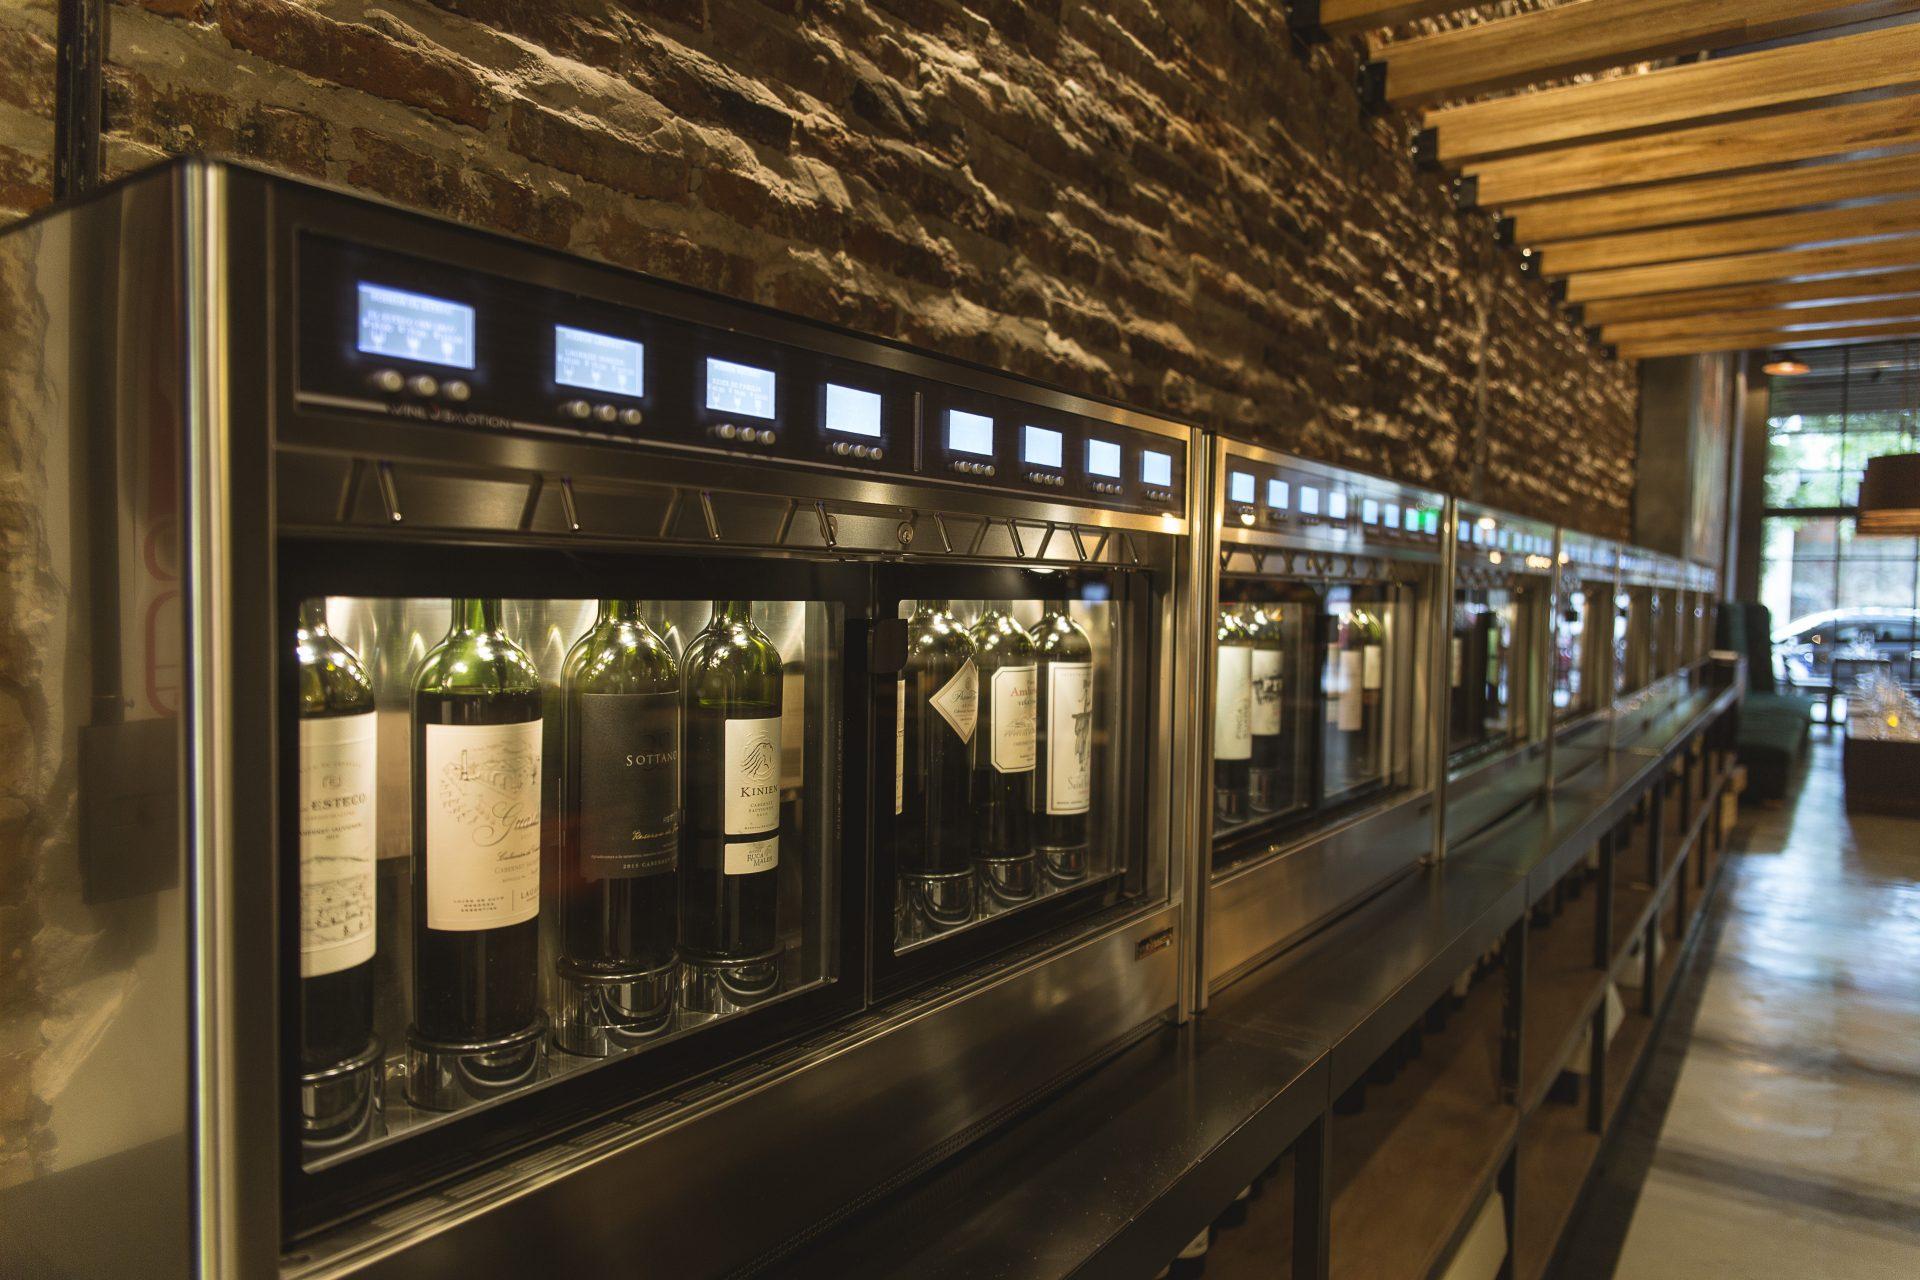 Máquinas expendedoras de vinos en el bar Vico Villa Crespo.